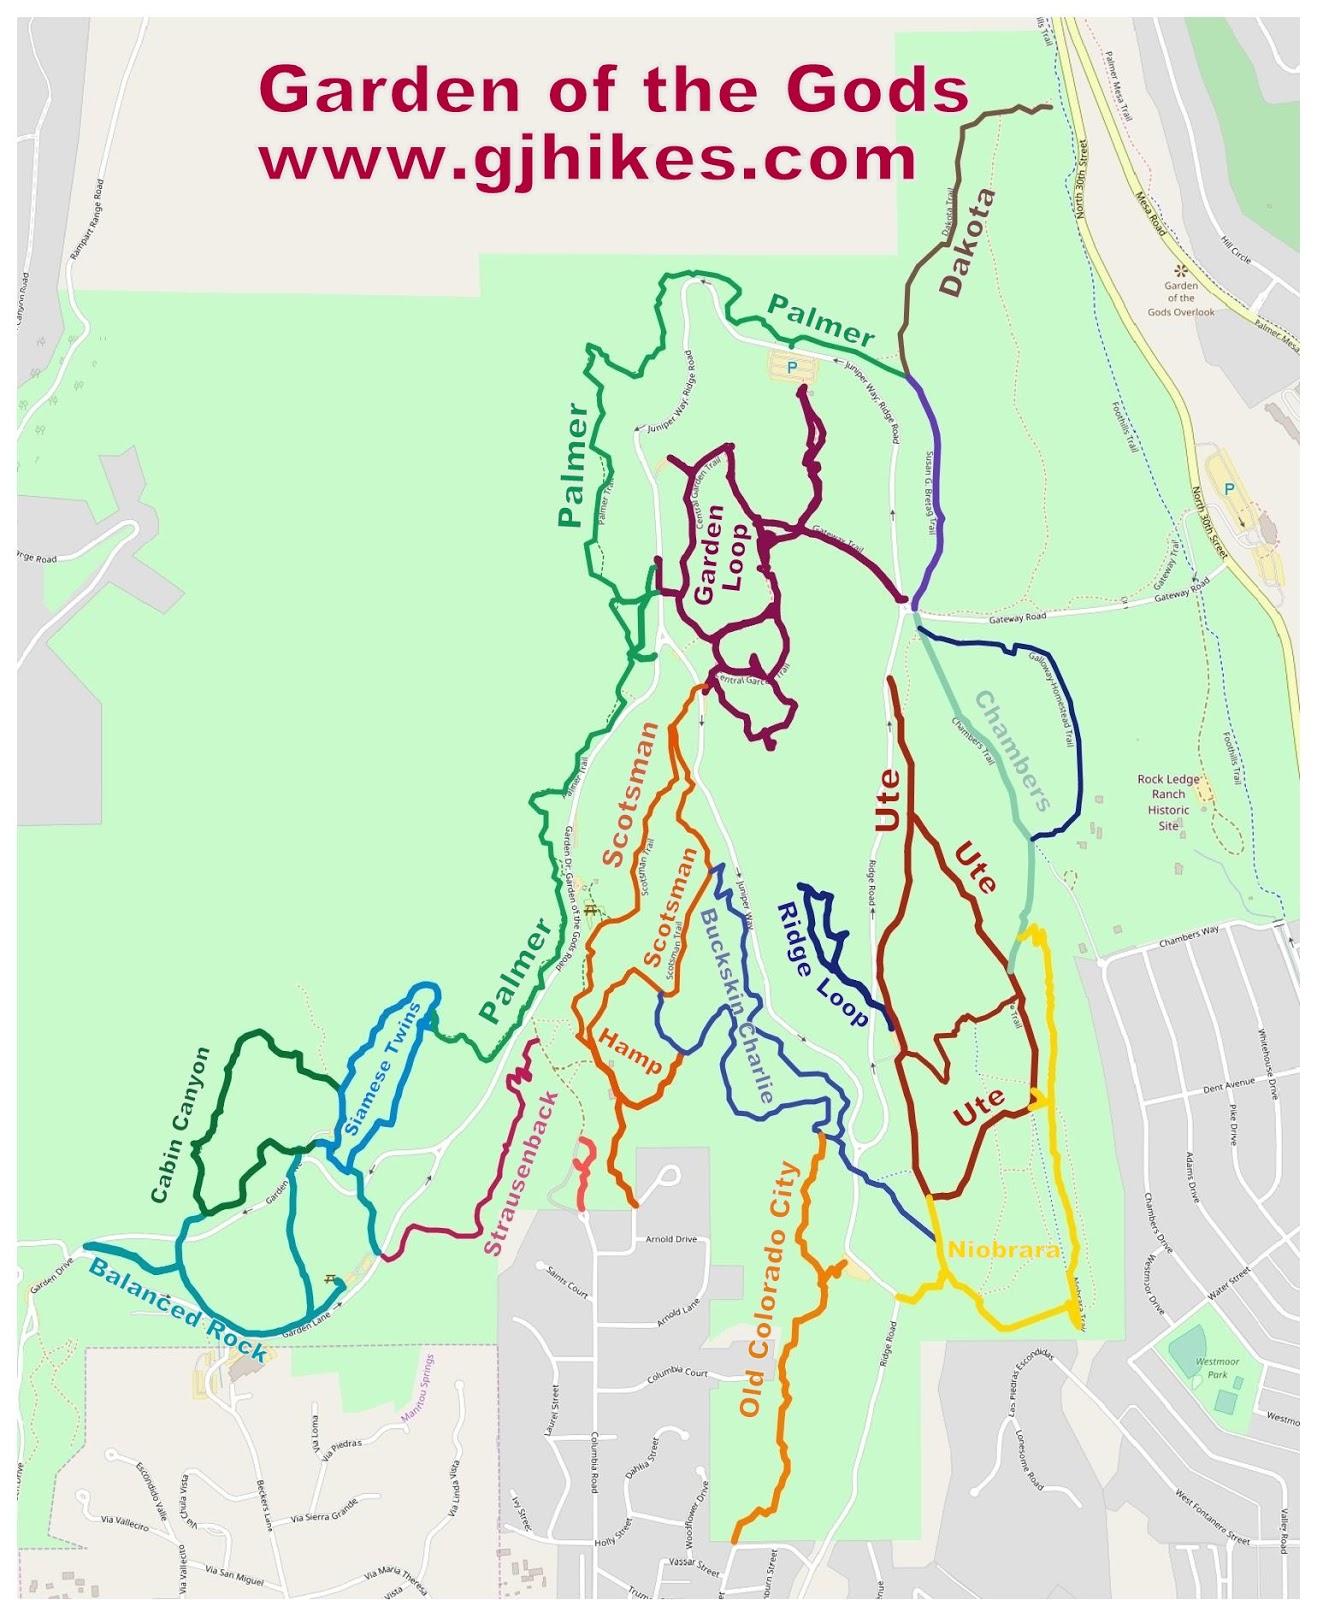 Gjhikes Com Ute Trail